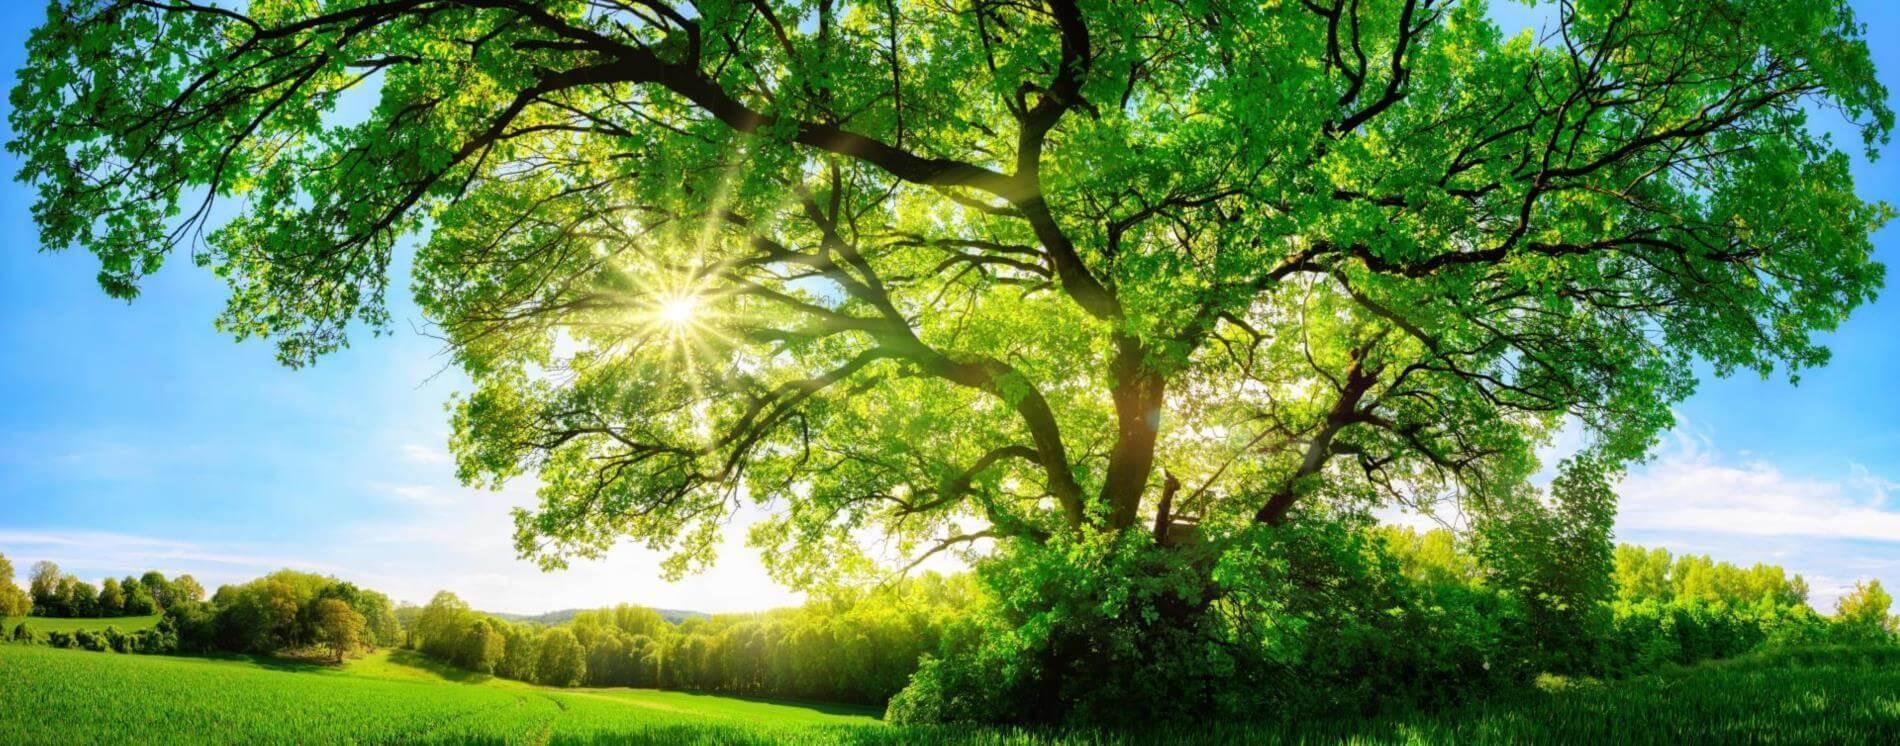 Vai trò của quang hợp đối với sự sống và những thông tin cần biết